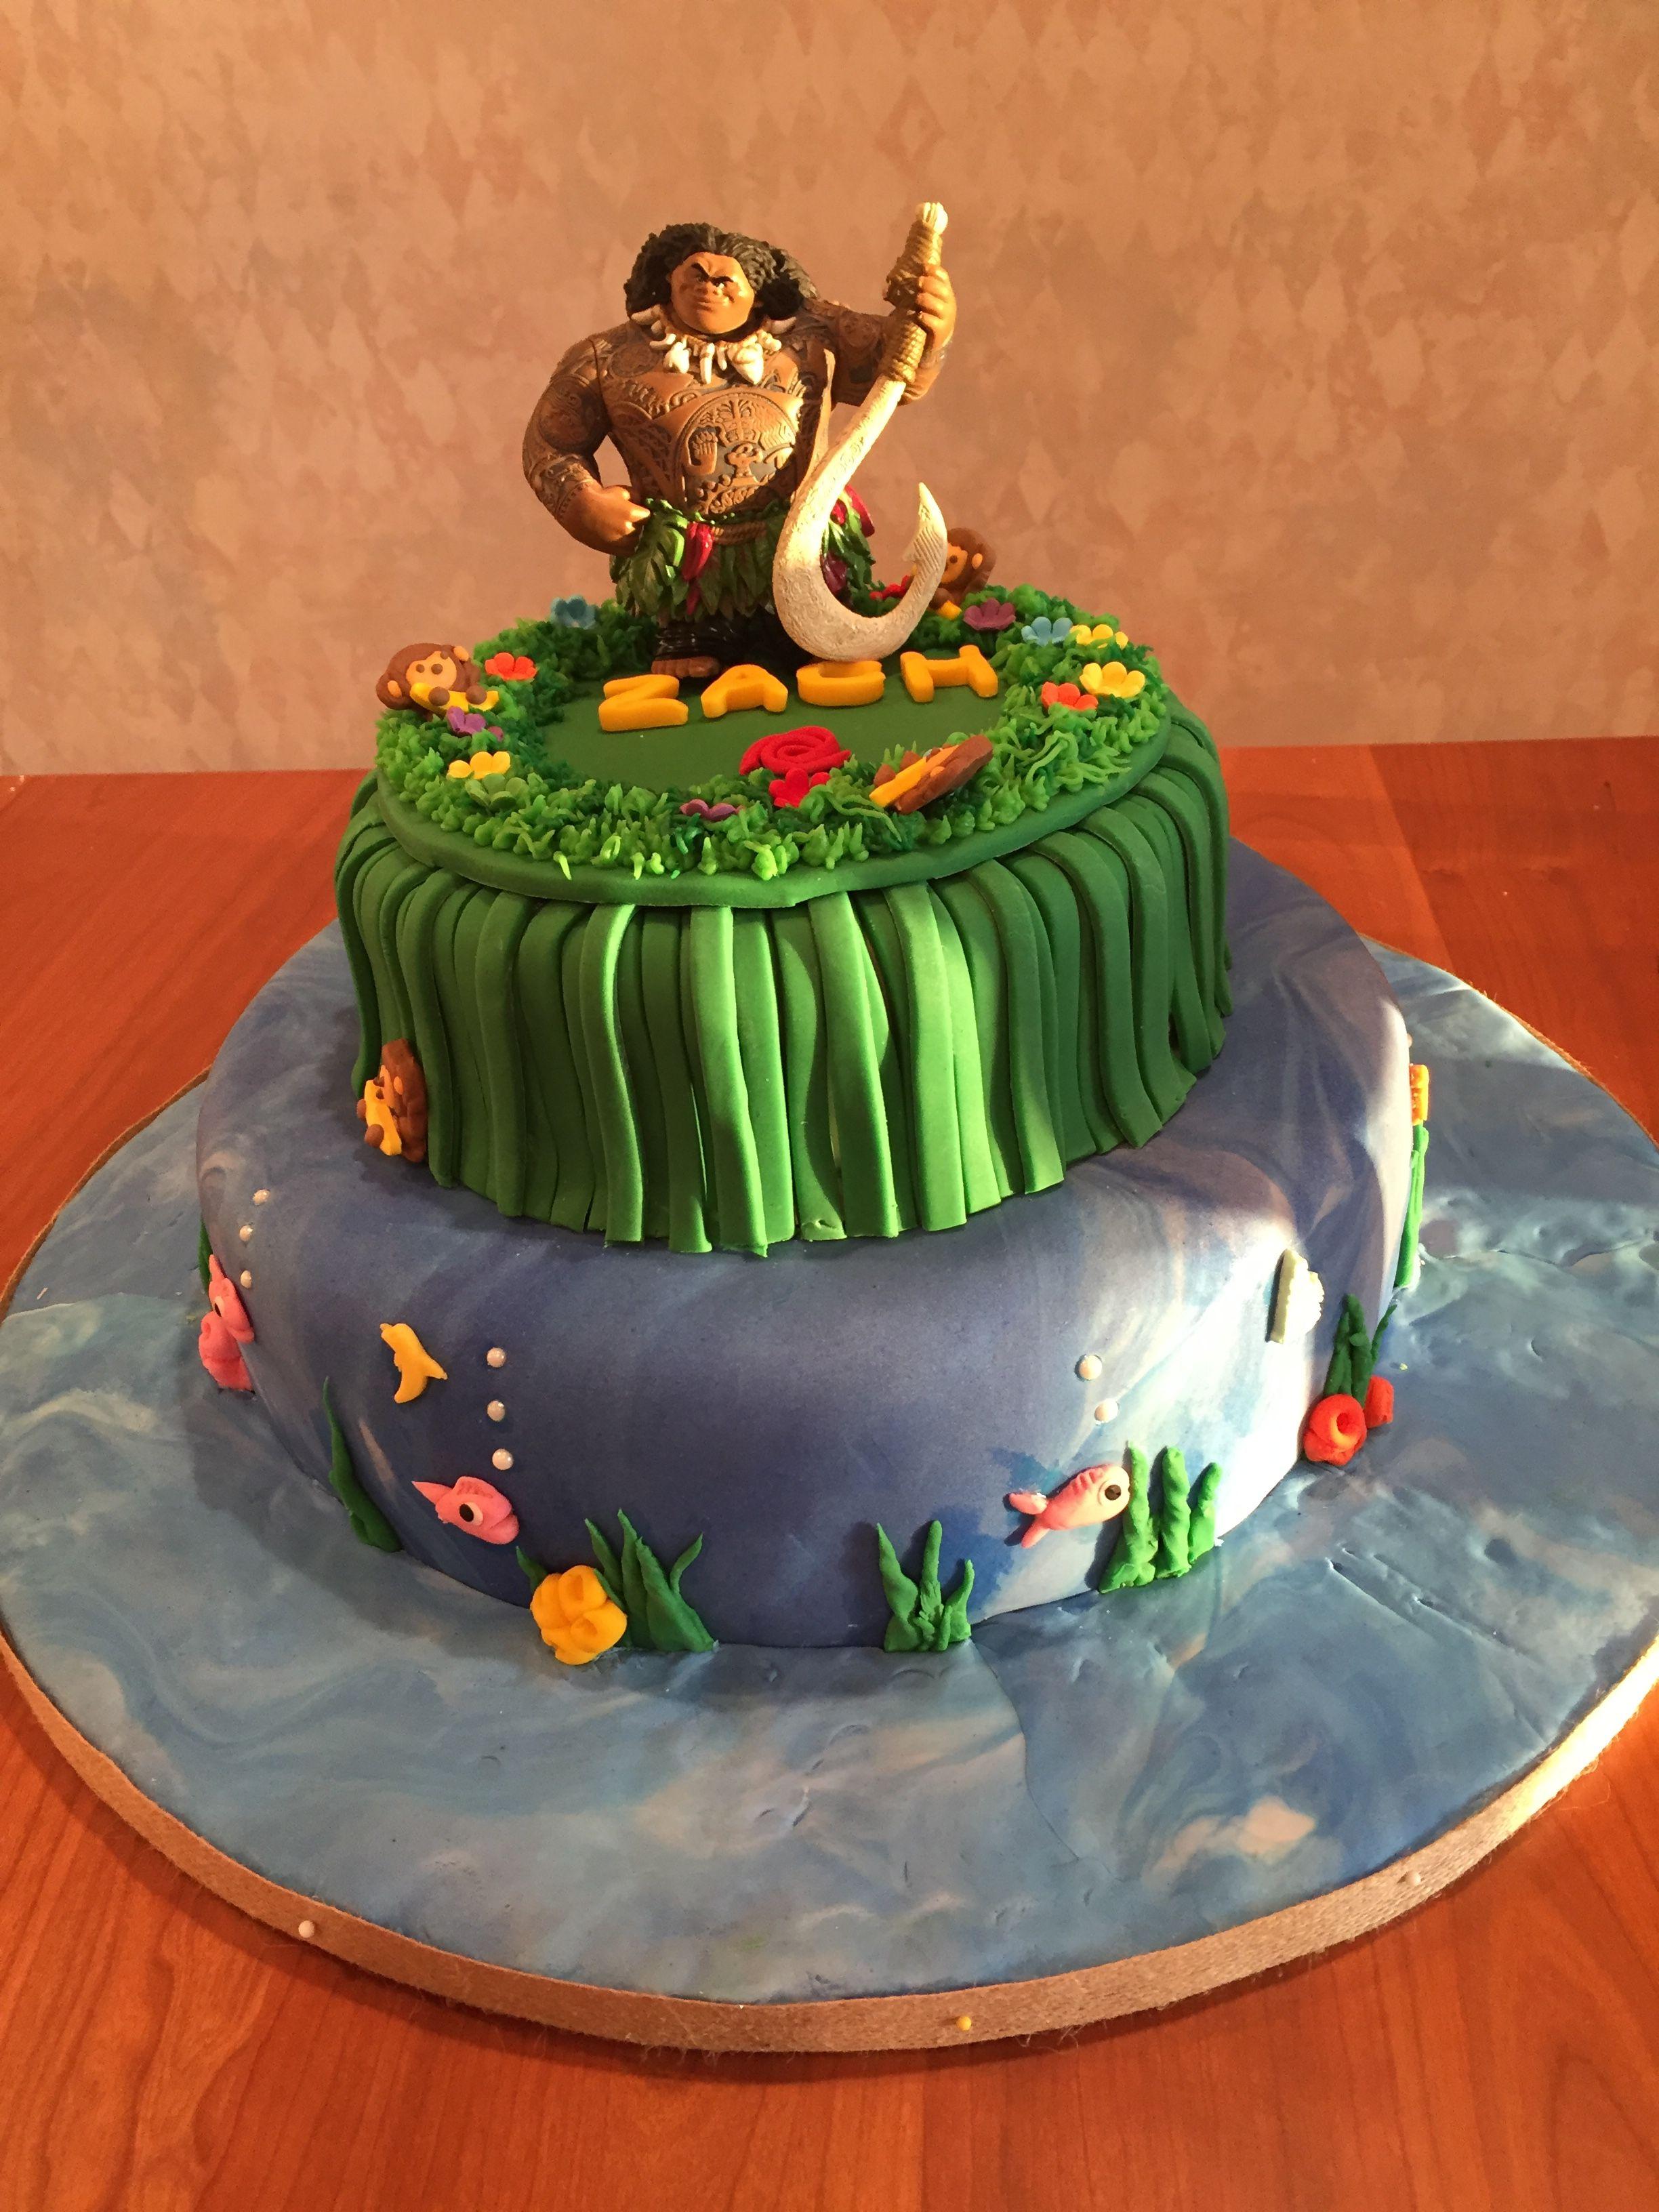 Maui Cake Cakes Pinterest Cake Moana And Birthdays